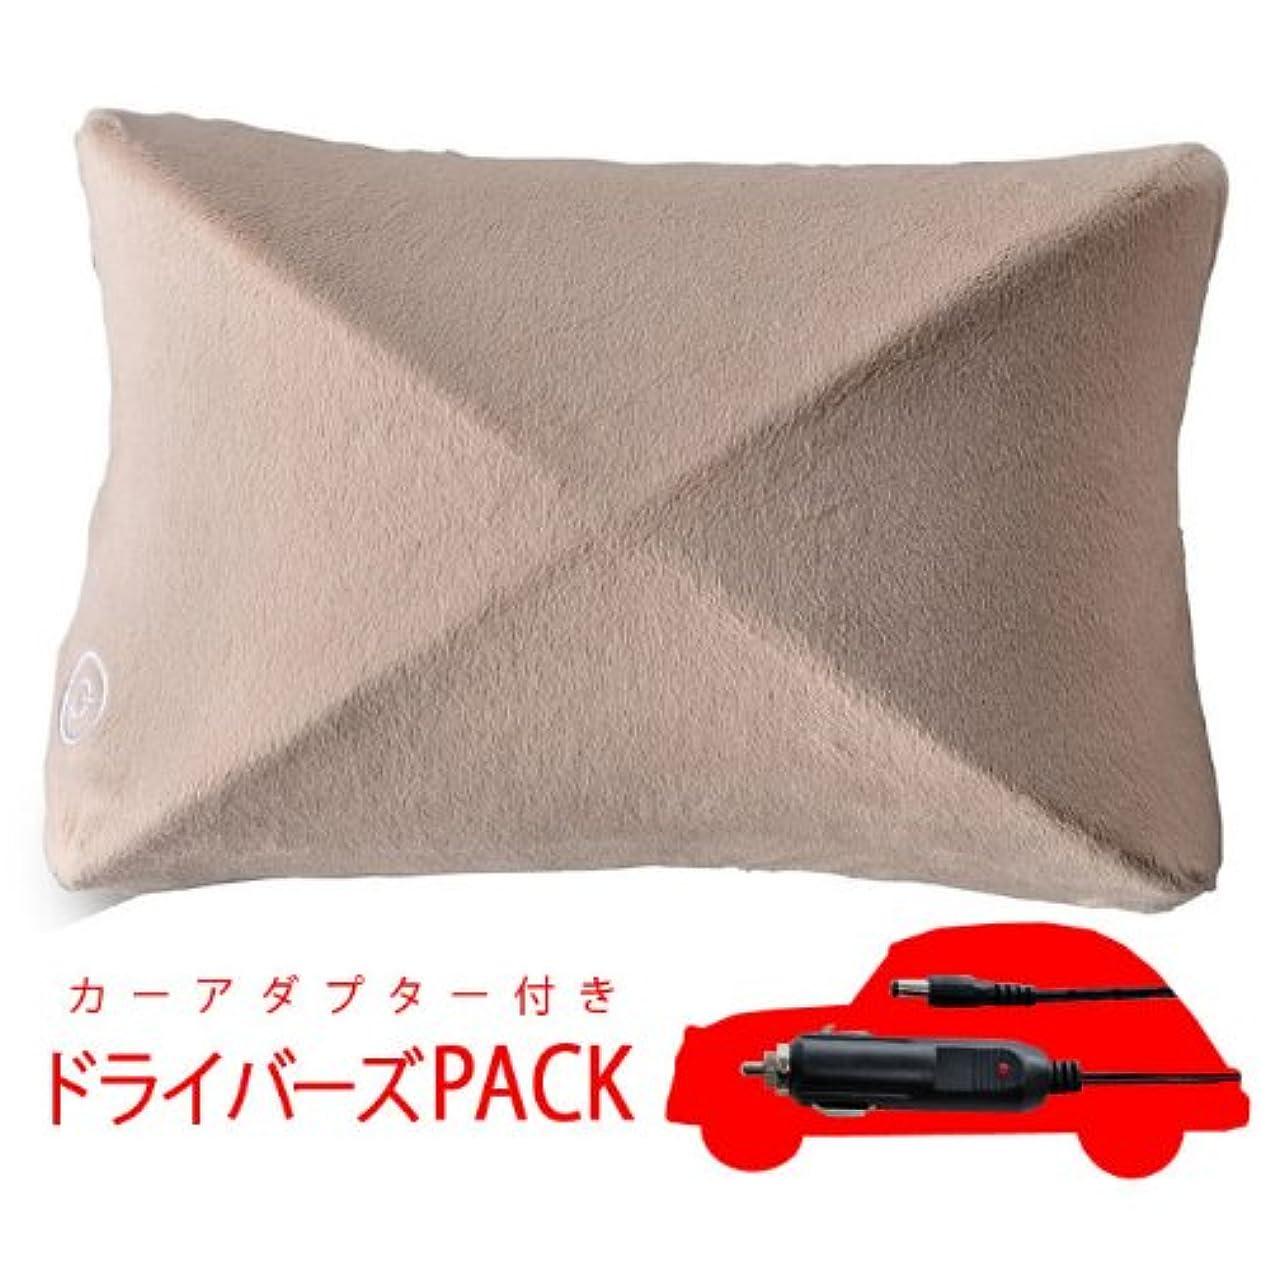 いたずらな湿度埋め込むアテックス ルルド マッサージクッション ドライバーズパック [ Sサイズ ヒーター付き AX-HL138C ] カフェオレ/AX-HL138Ccf ATEX LOUrde Massage CUSHION DRIVER'S PACK S